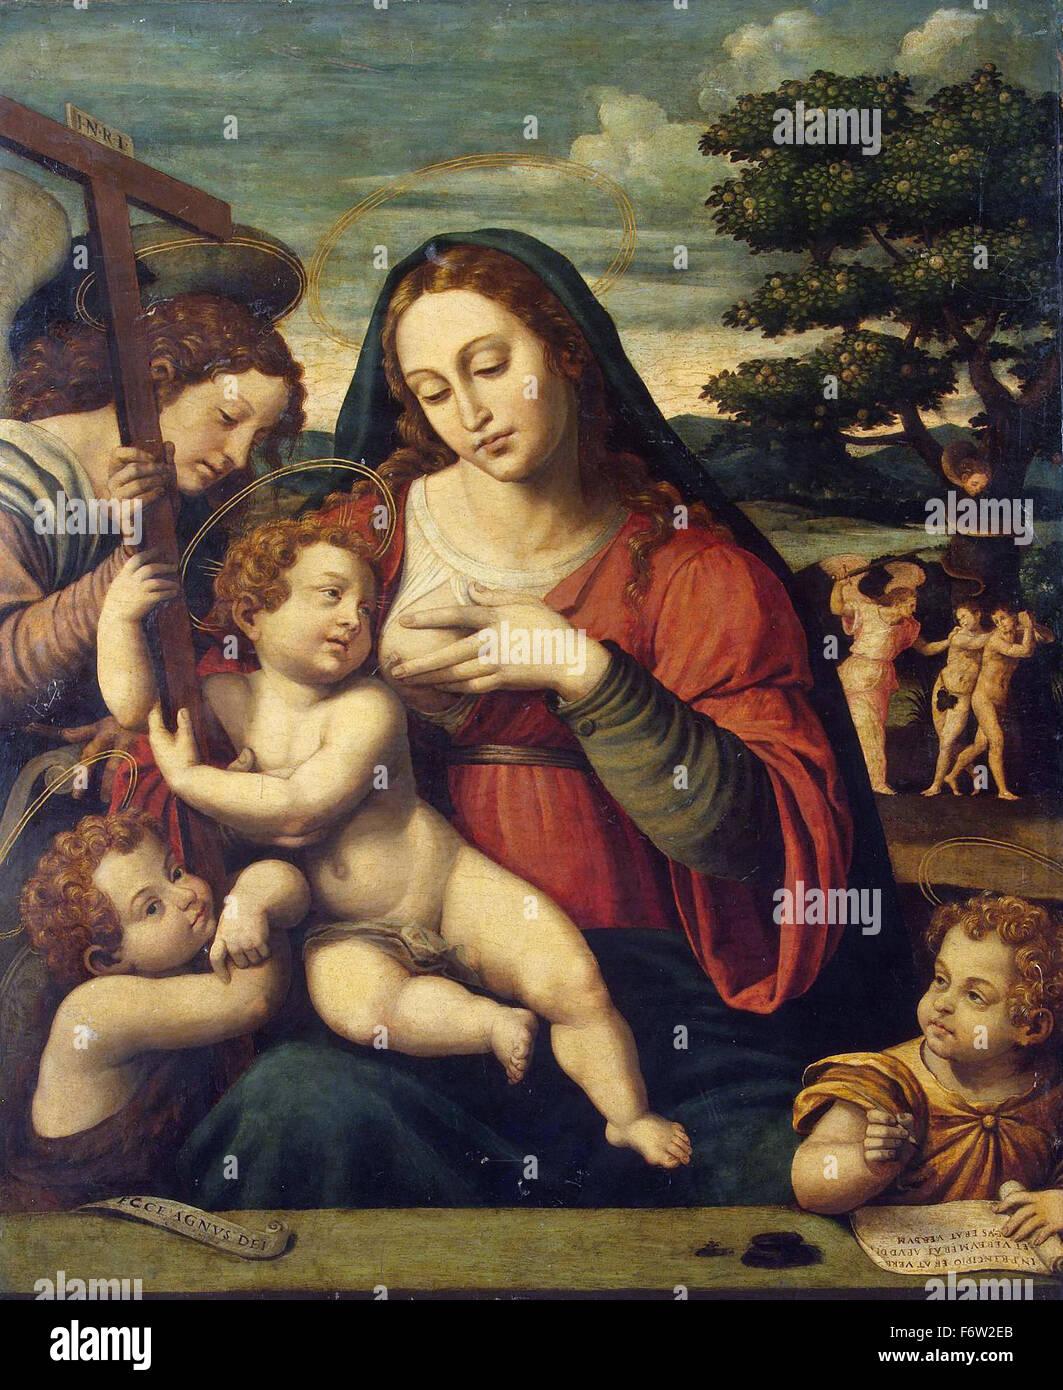 Juan de Juanes - La Virgen y el Niño con San Juan Bautista y San Juan el Evangelista Foto de stock